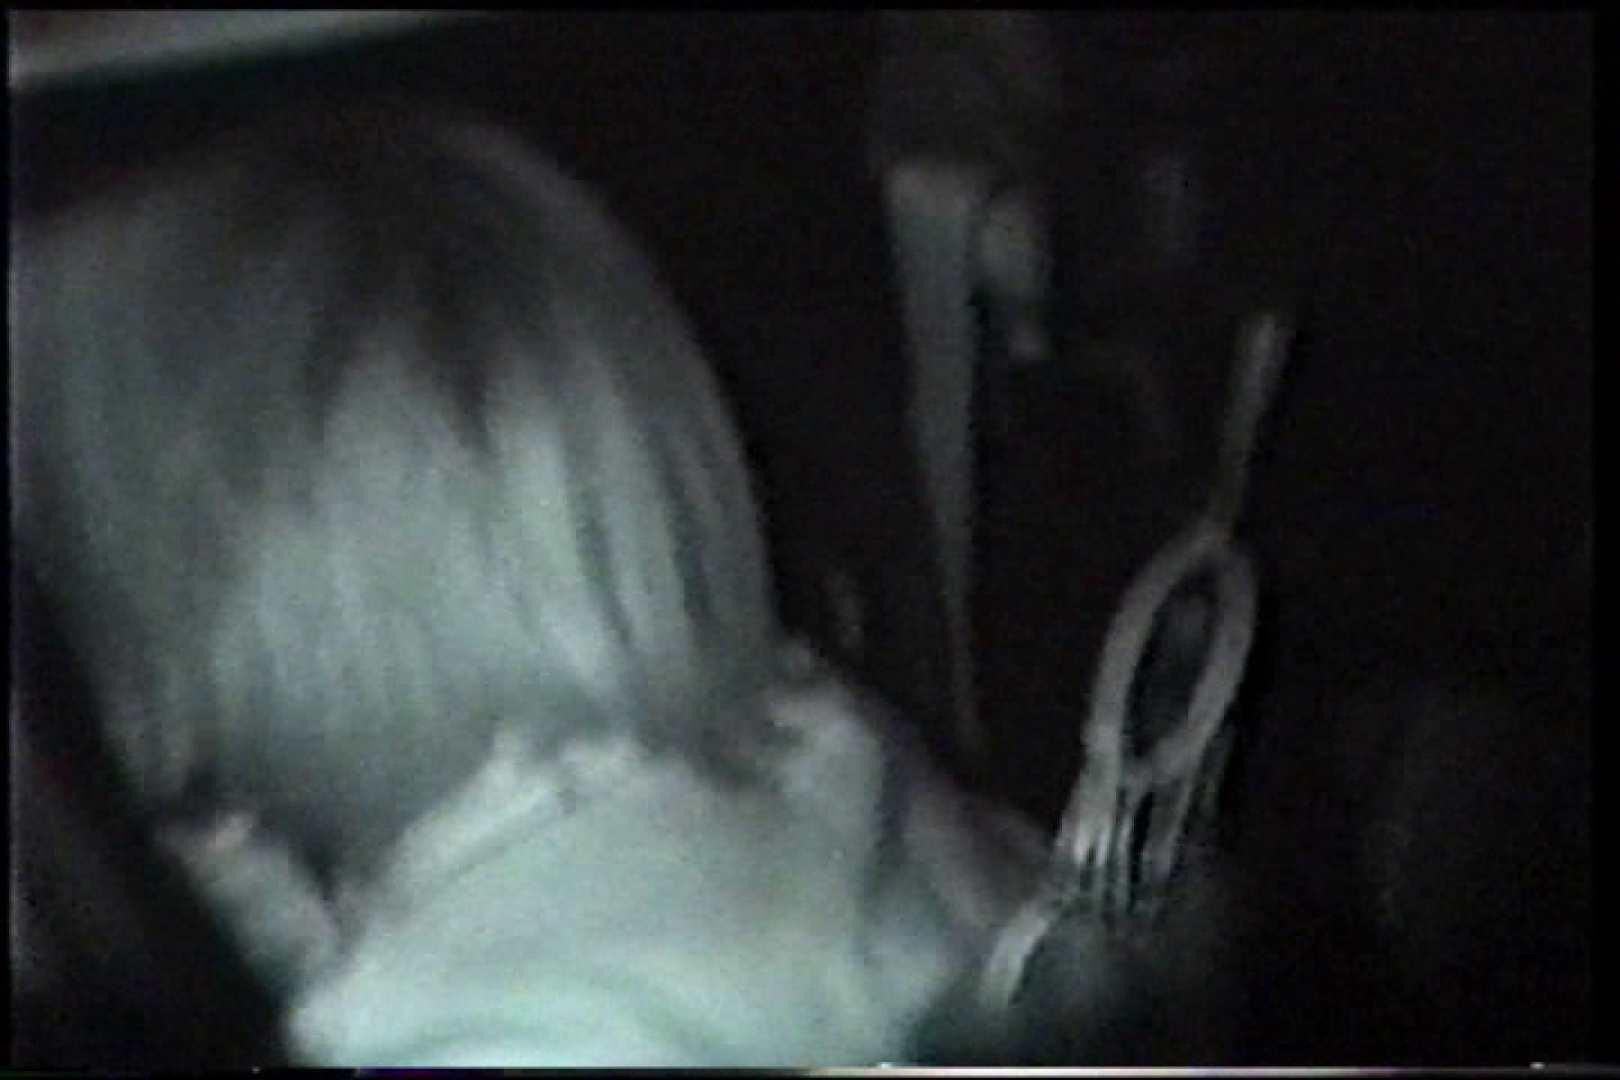 充血監督の深夜の運動会Vol.214 後編. パイパン AV動画キャプチャ 88pic 10